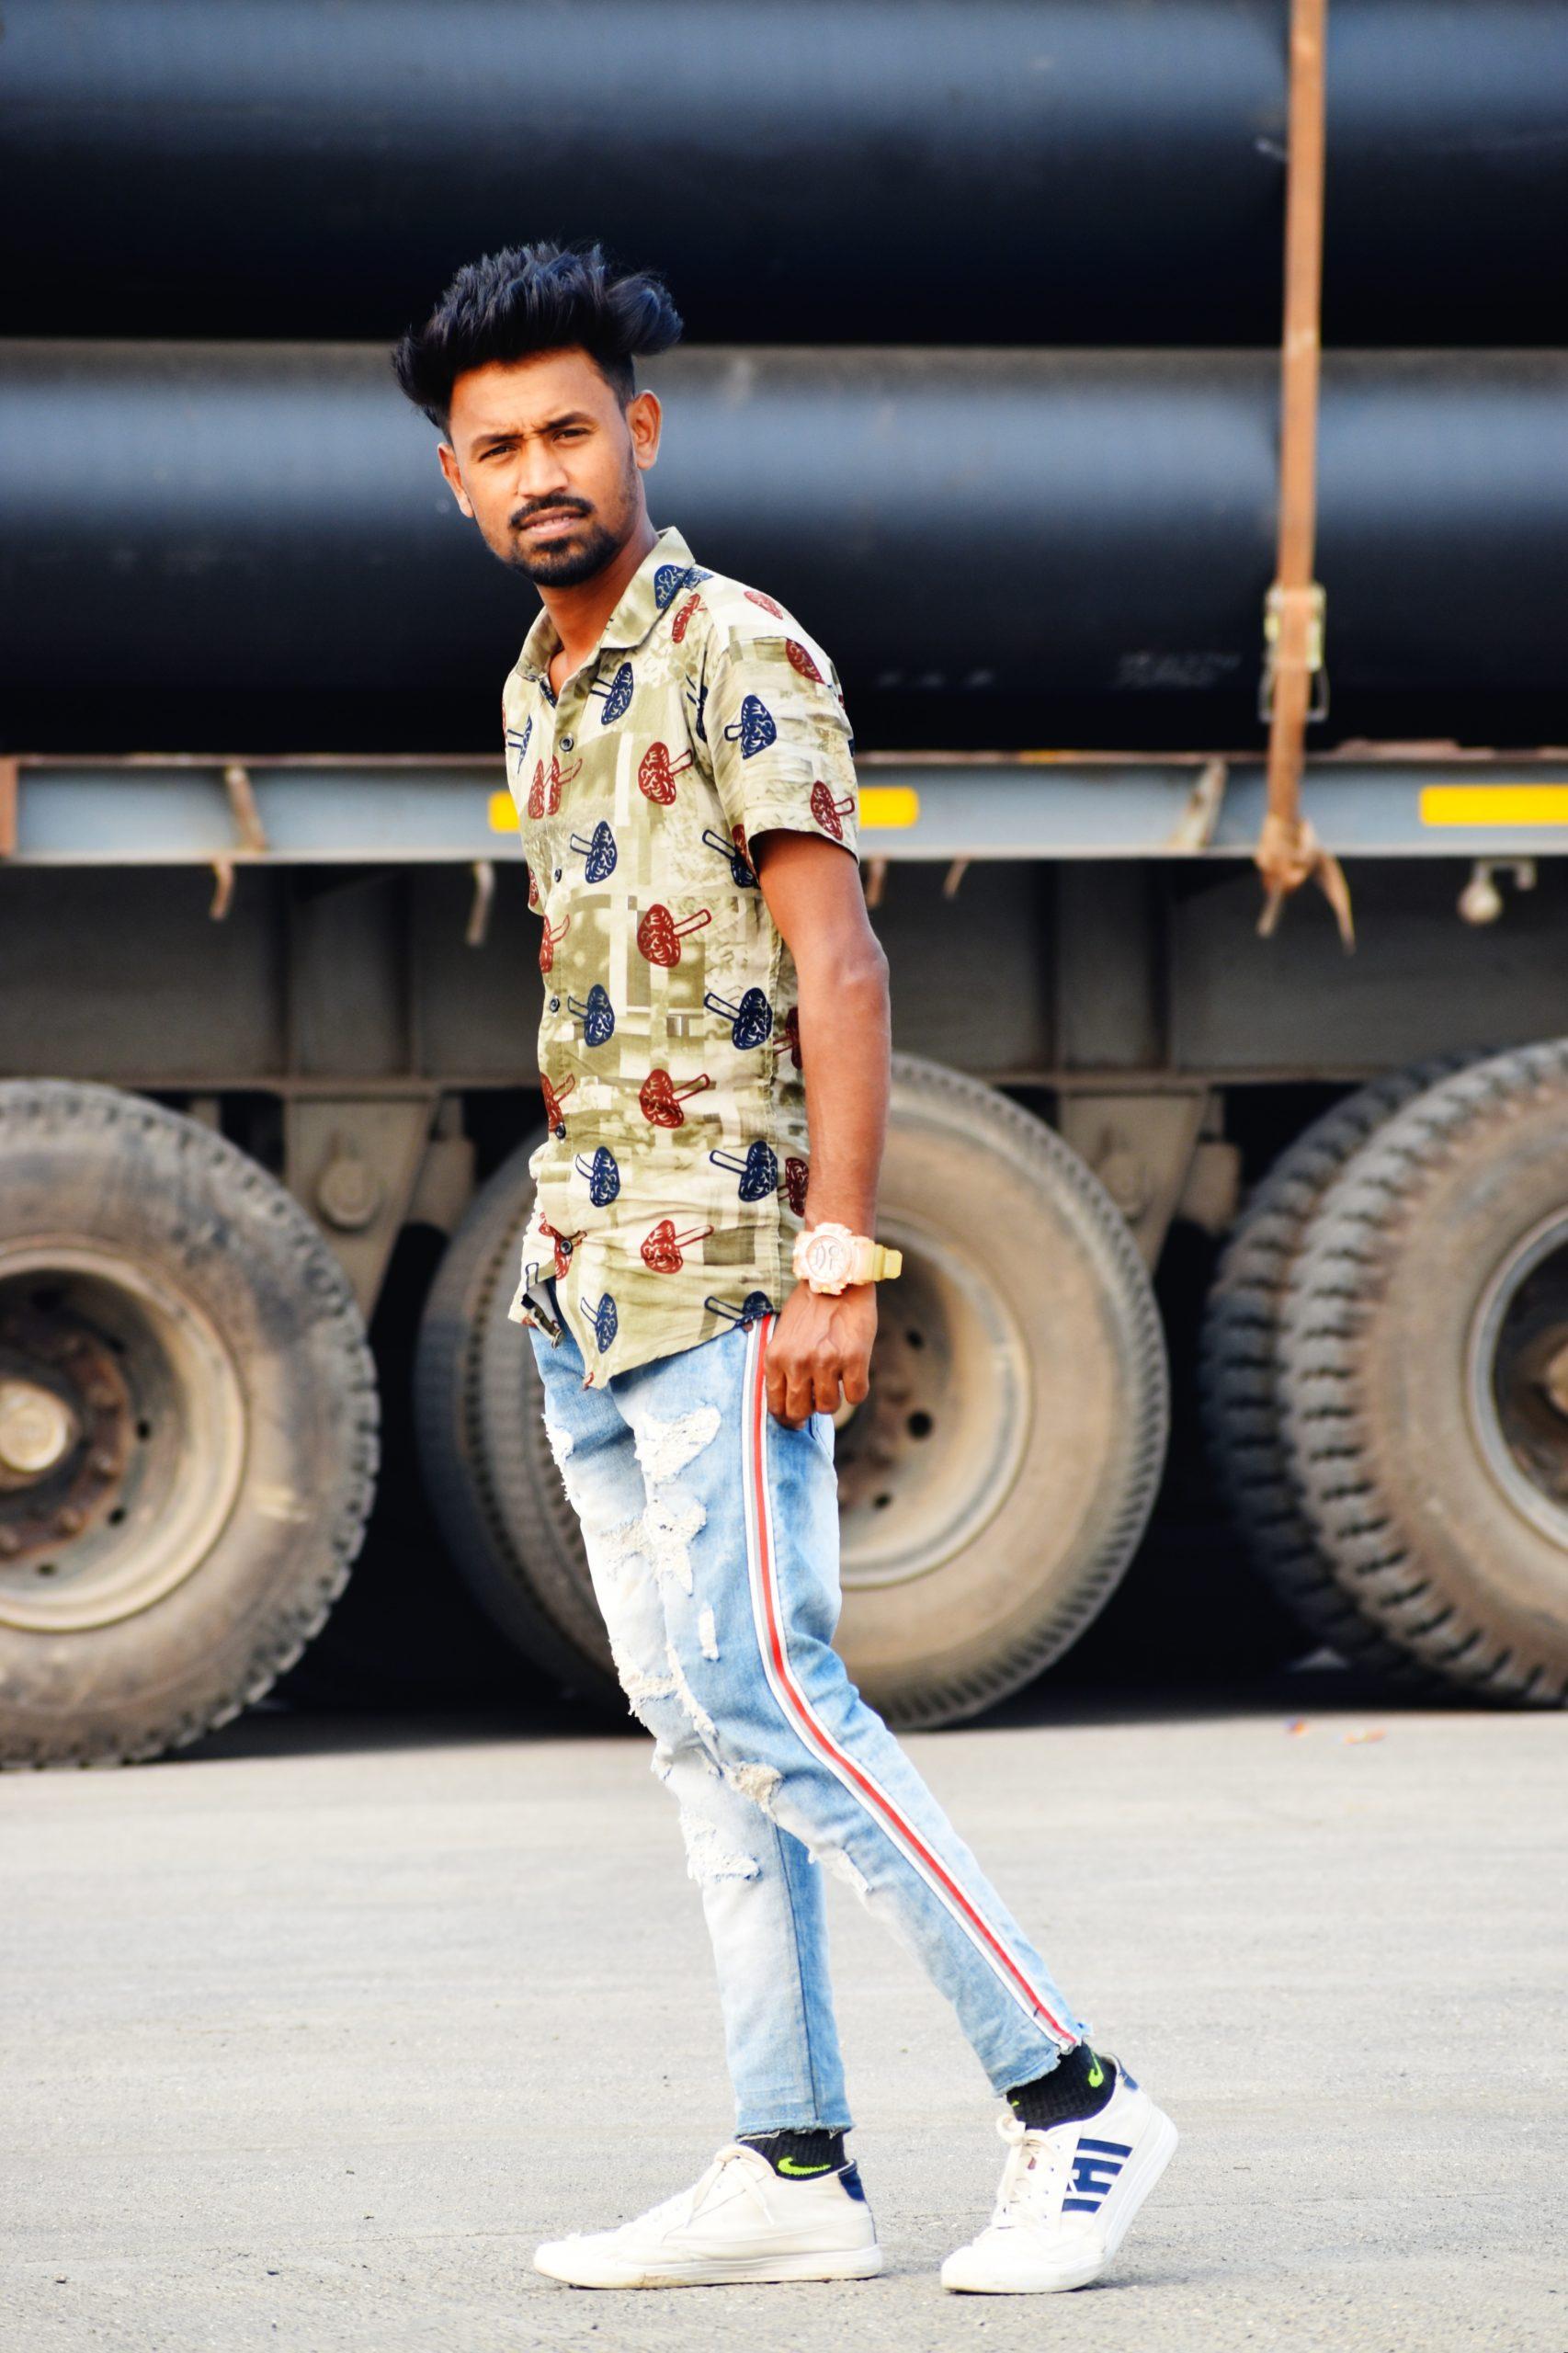 A boy near a truck